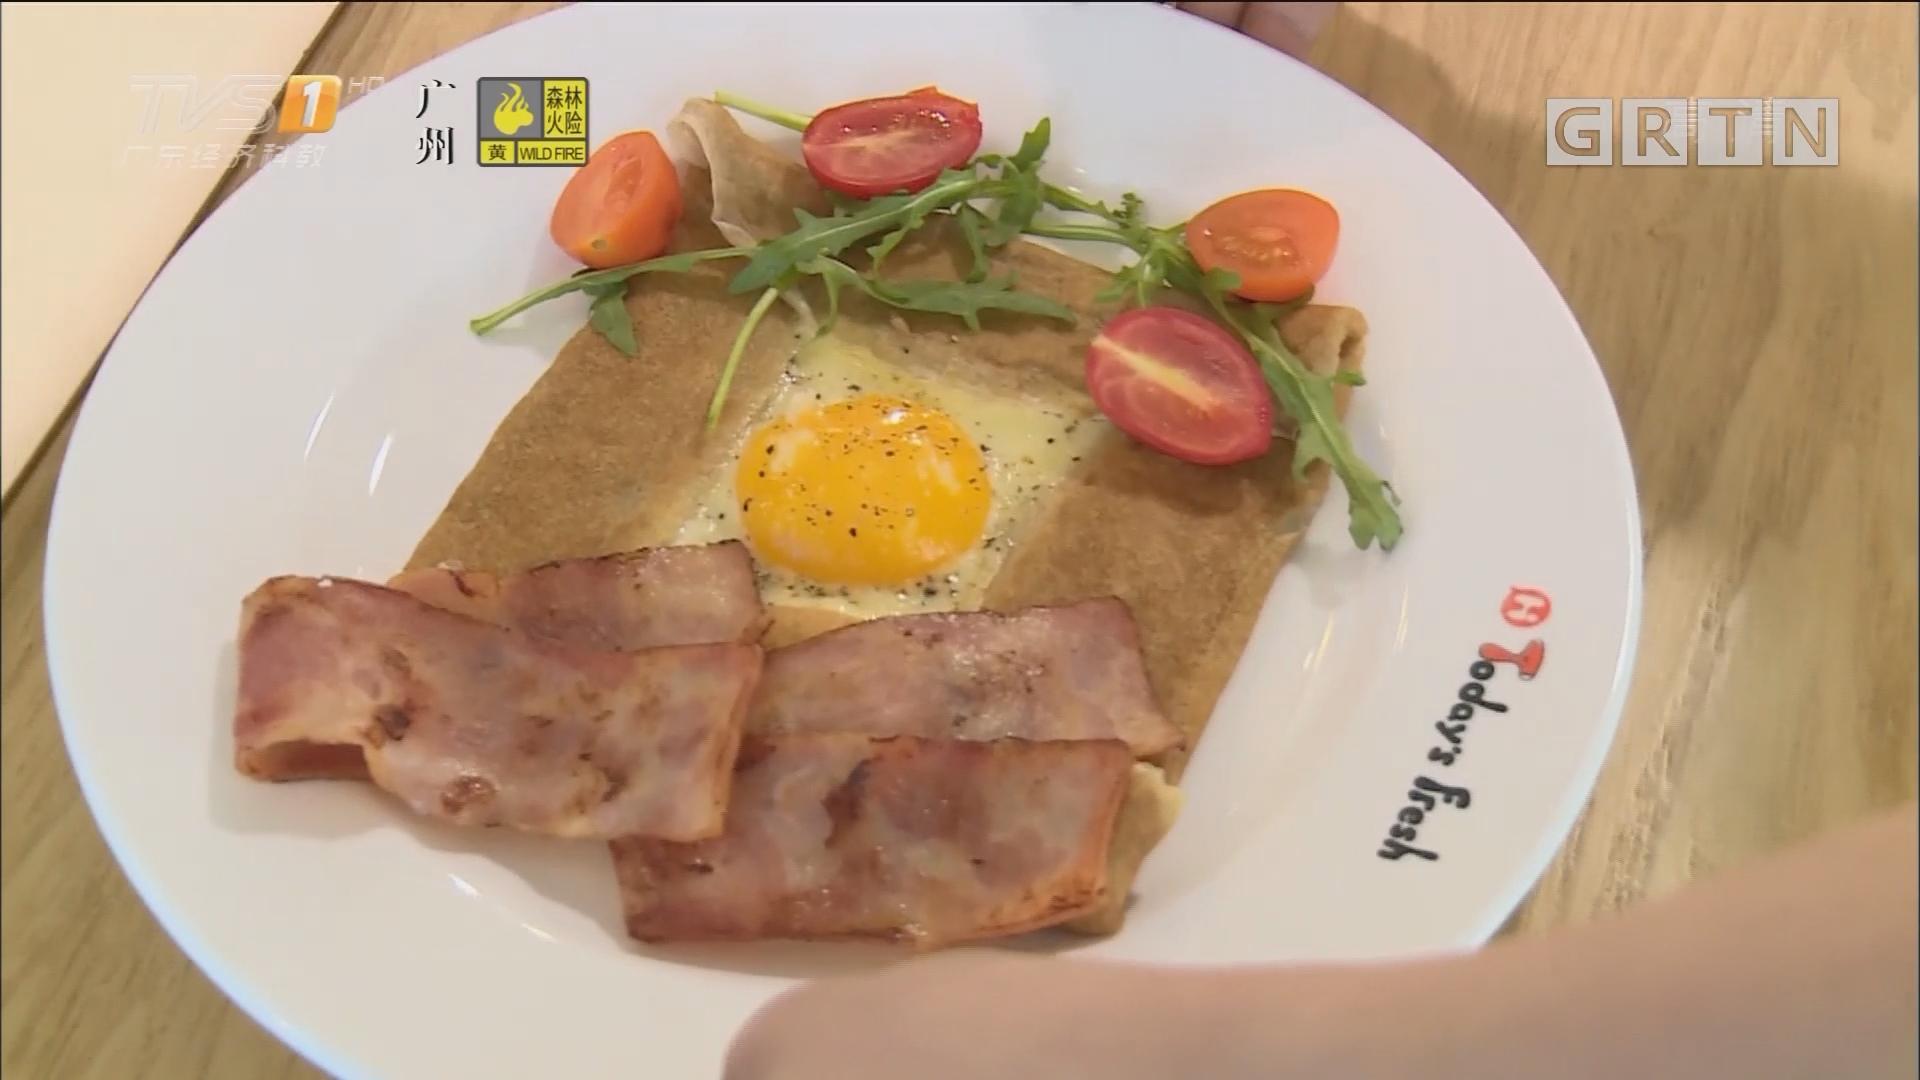 一道完美的早餐:西式煎饼